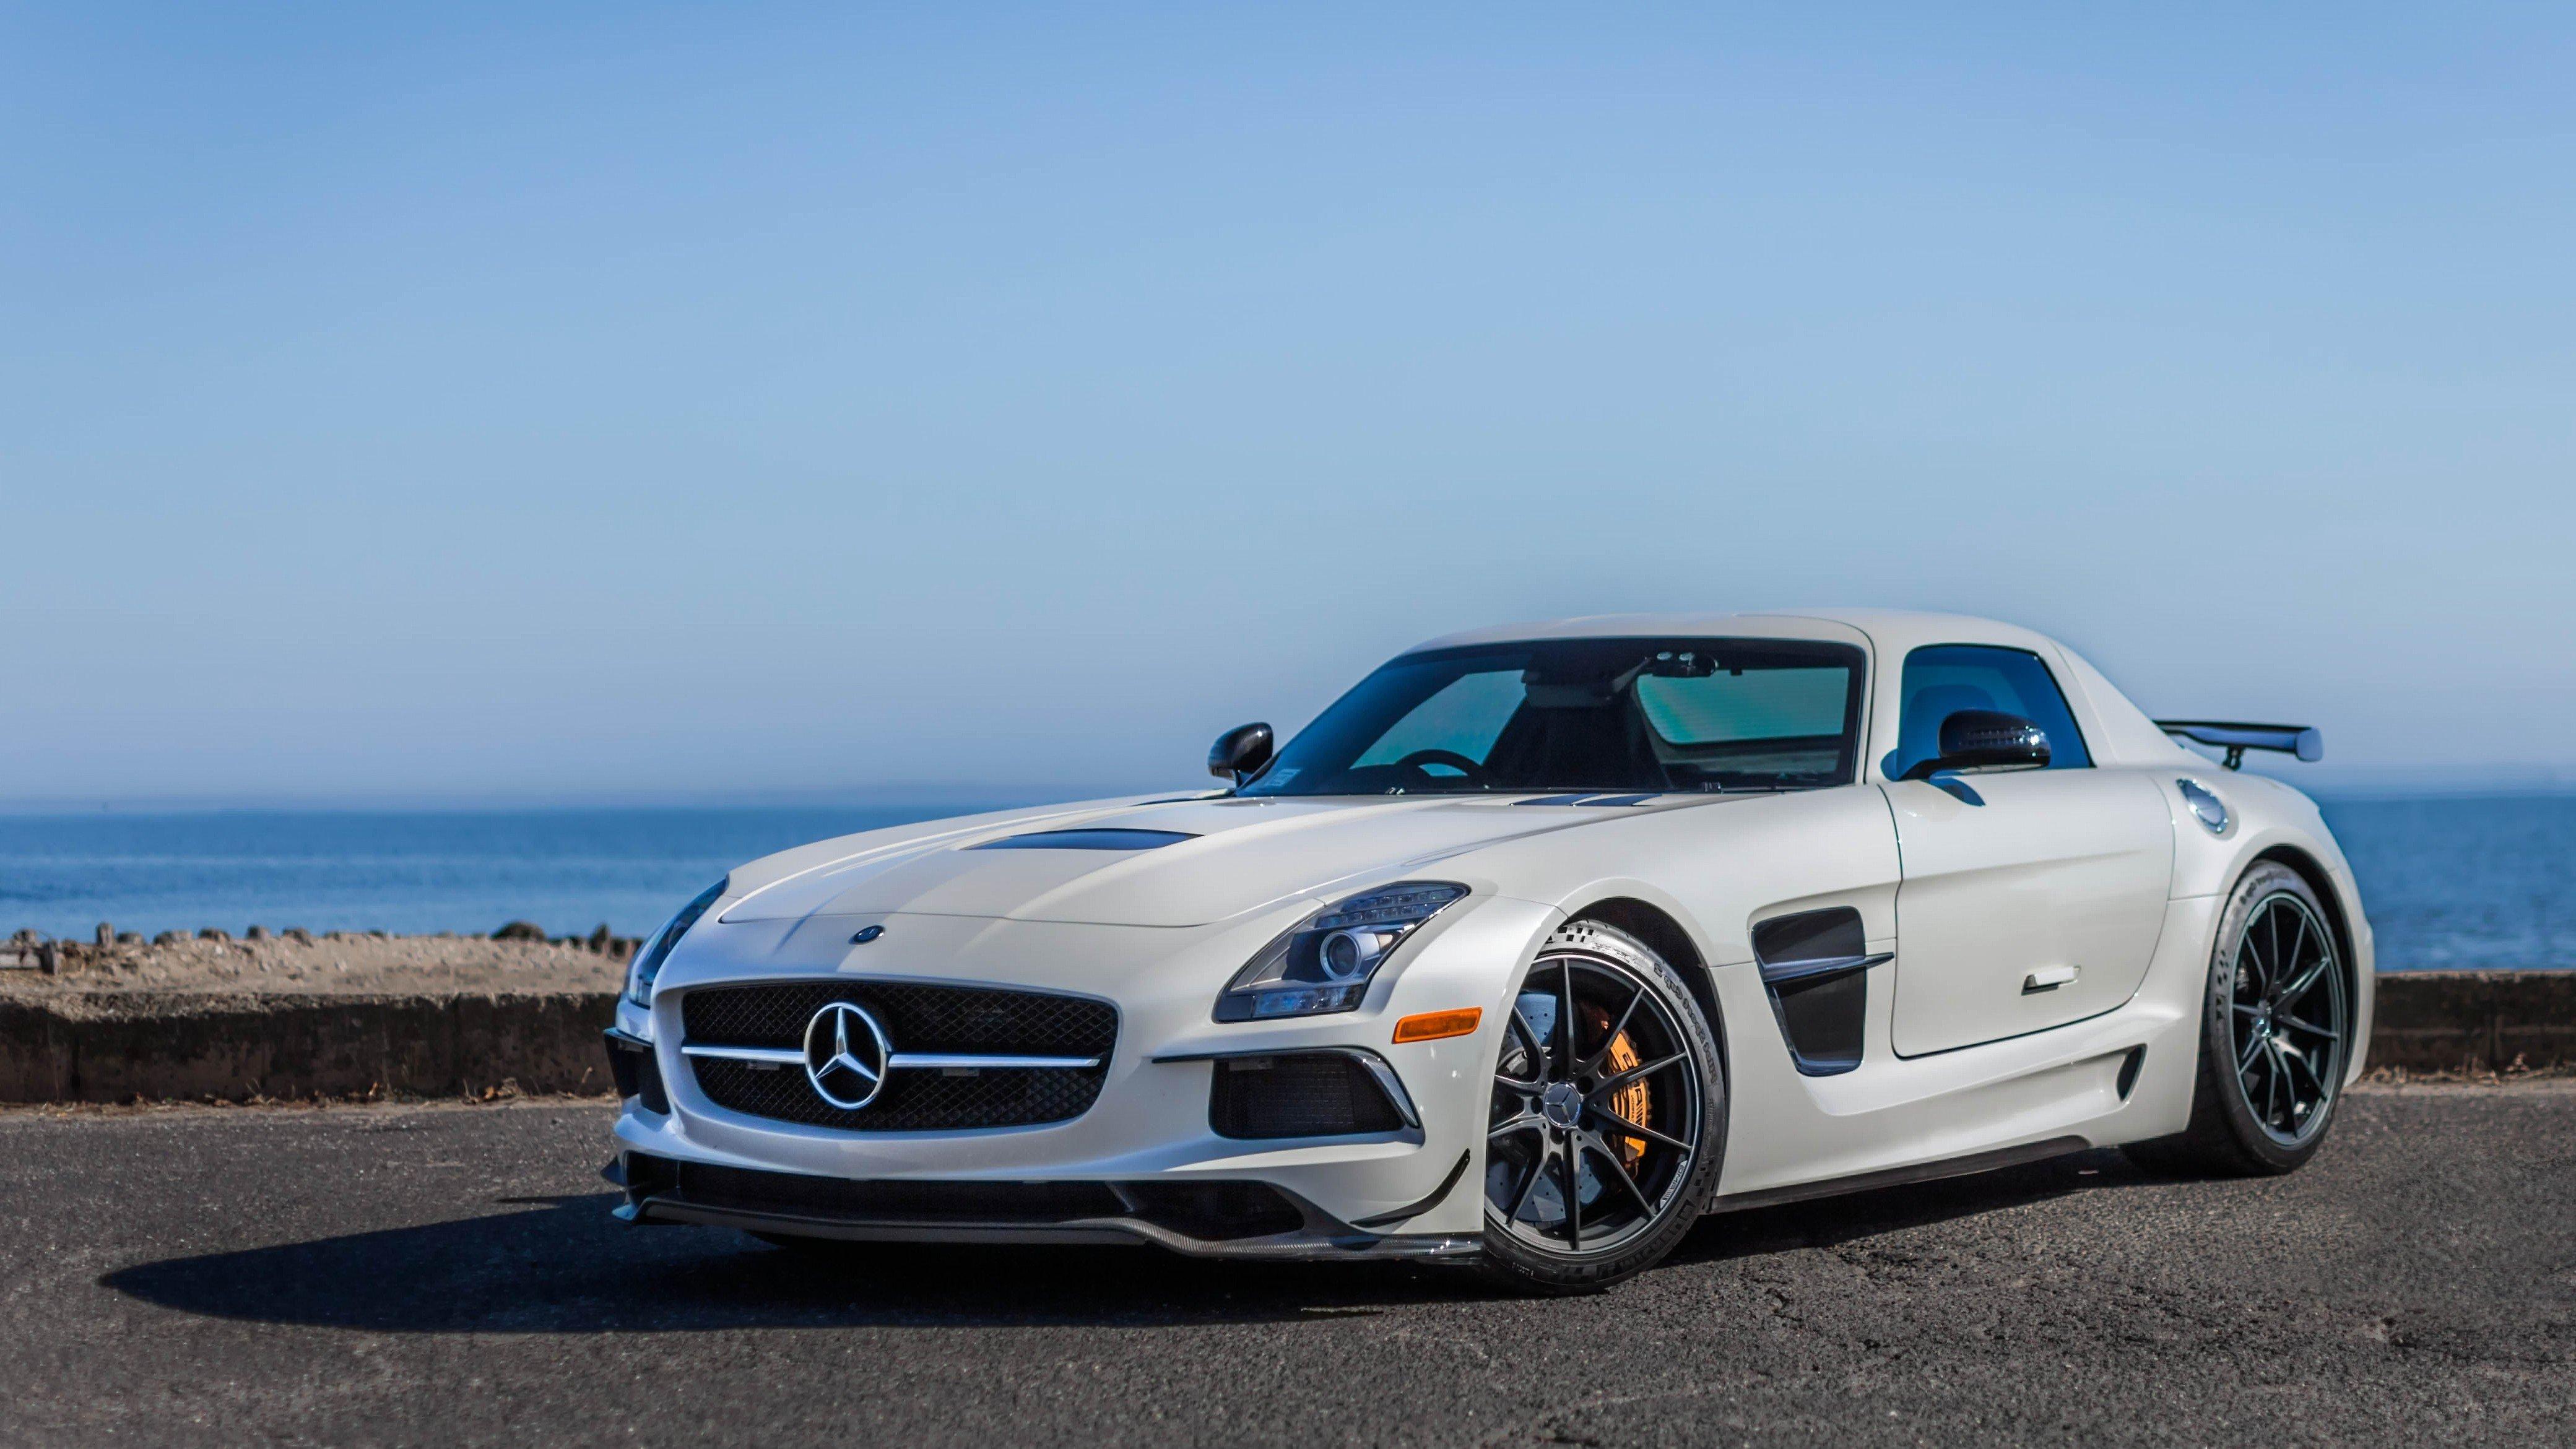 Mercedes Benz SLS AMG SuperCar, HD Cars, 4k Wallpapers ...